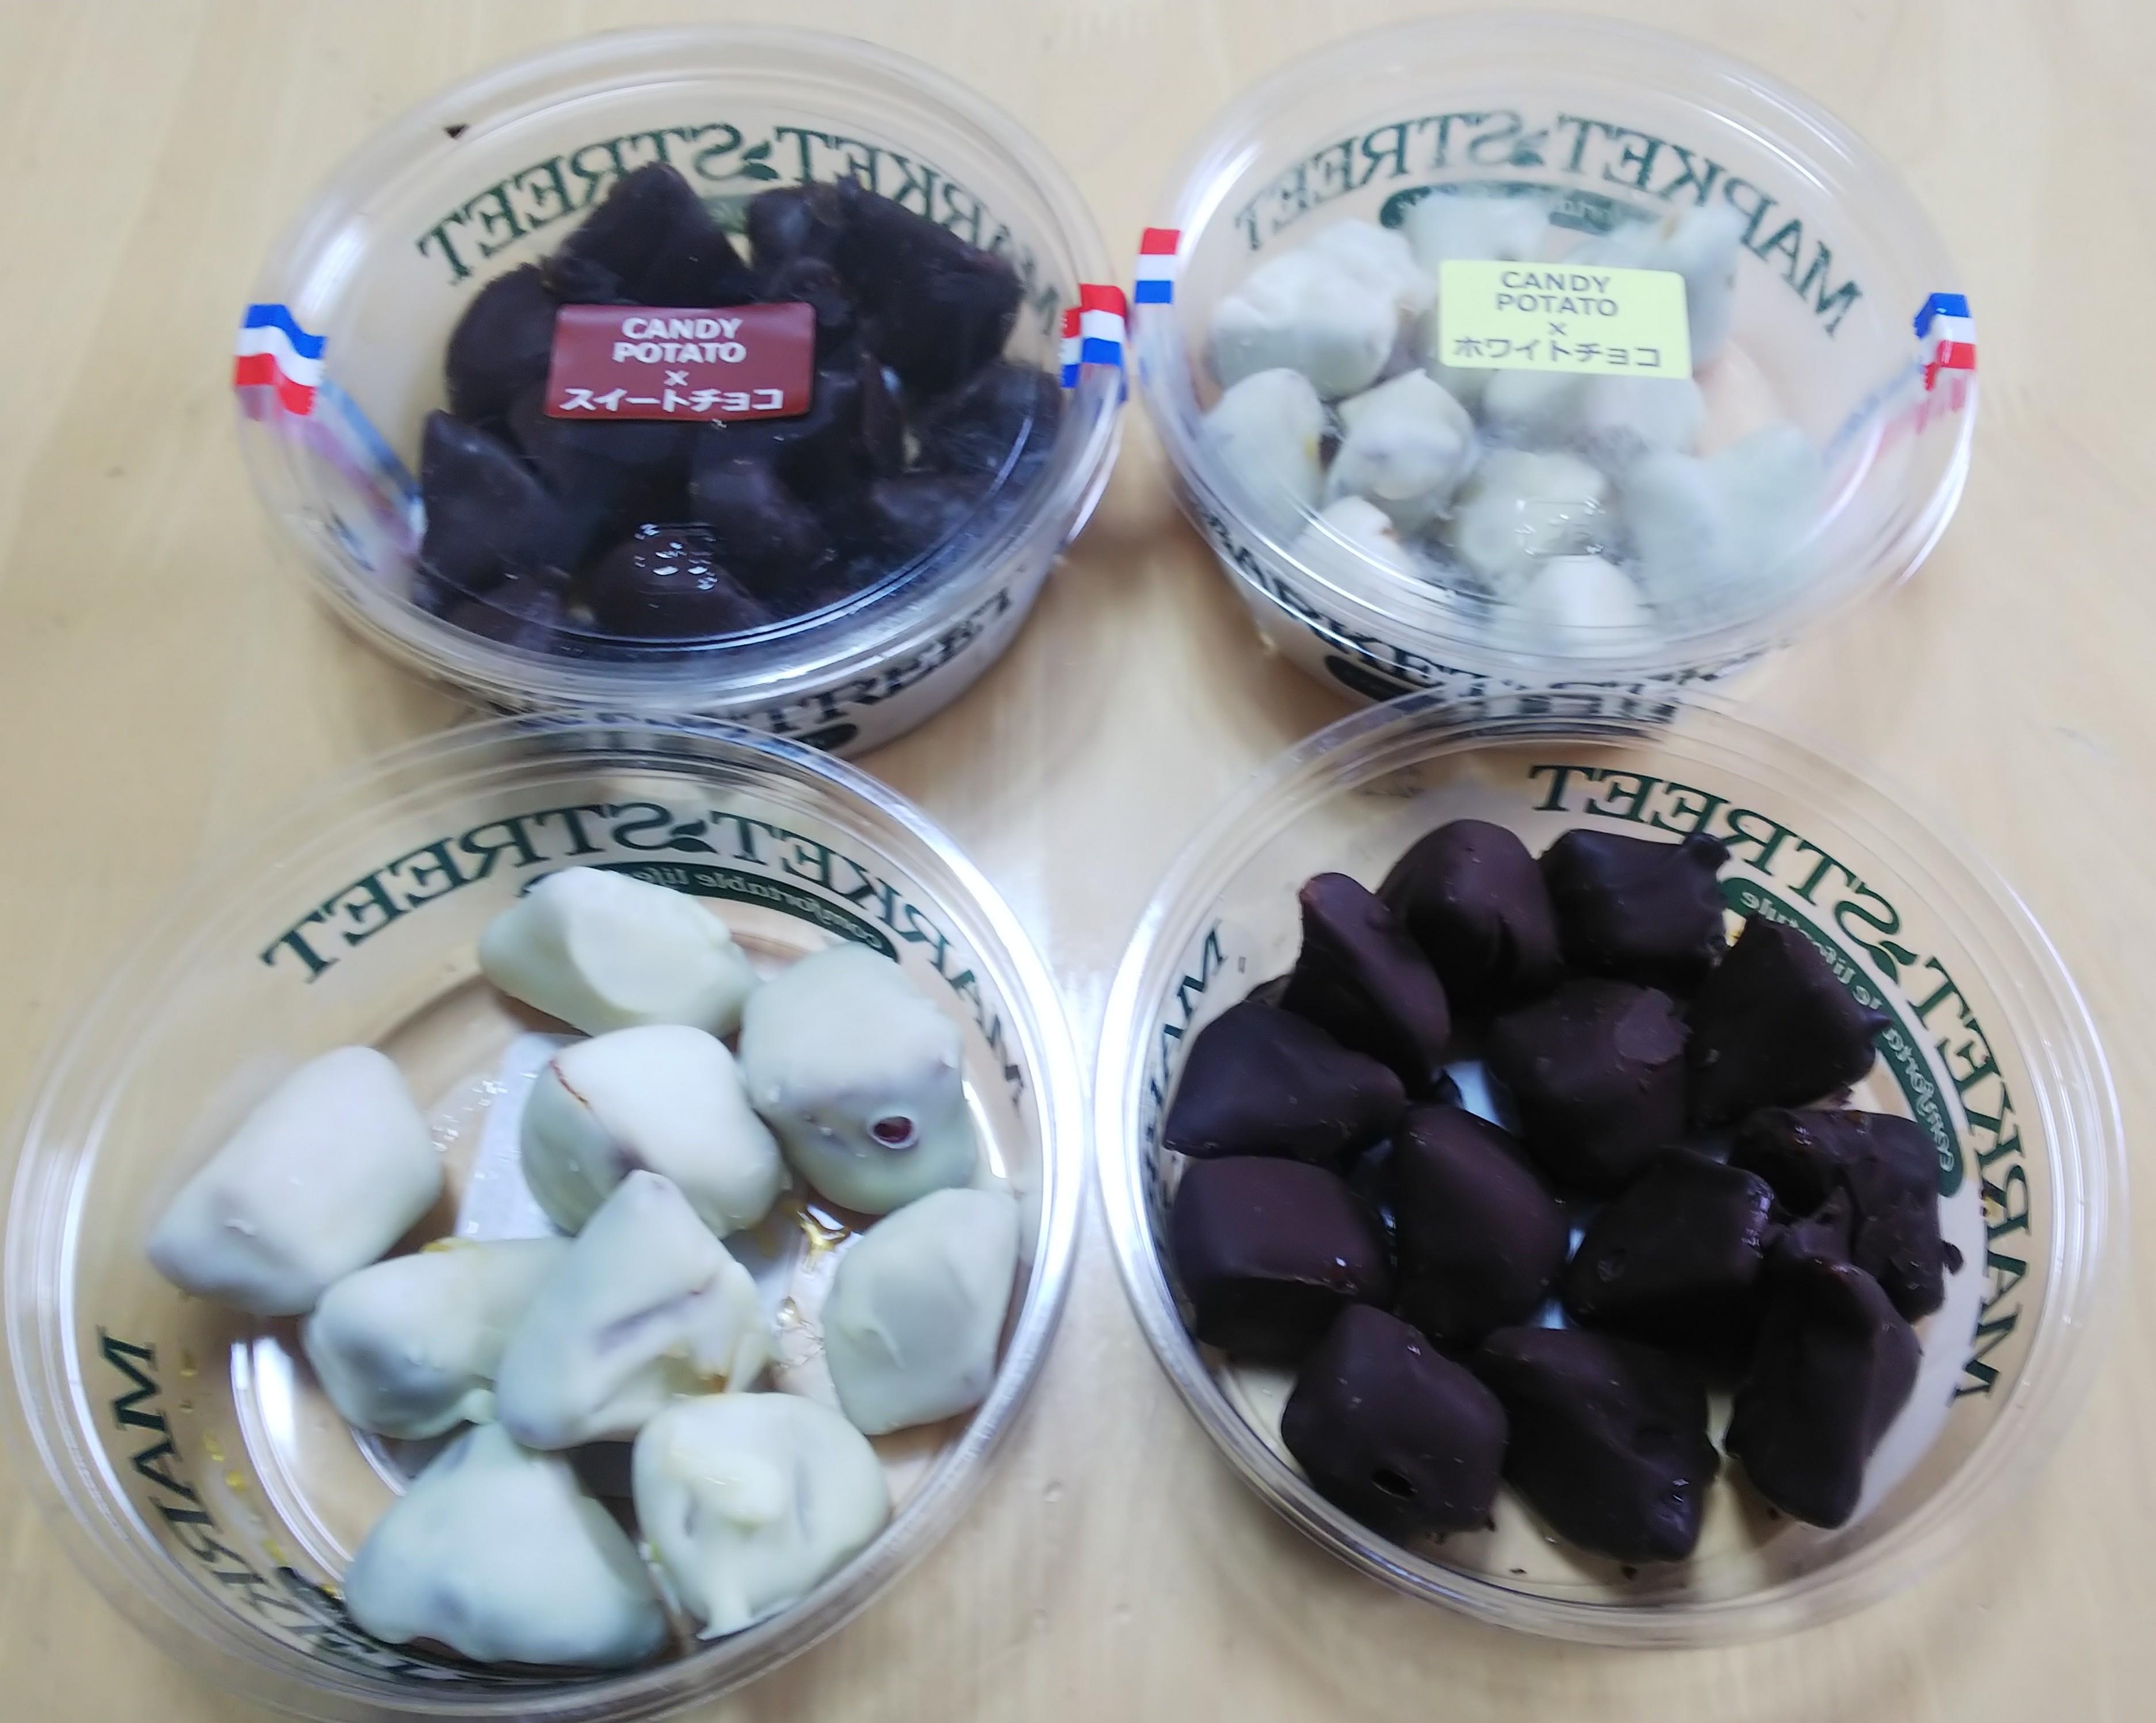 【 限定商品 】キャンディポテト(スイートチョコ・ホワイトチョコ詰め合わせ)